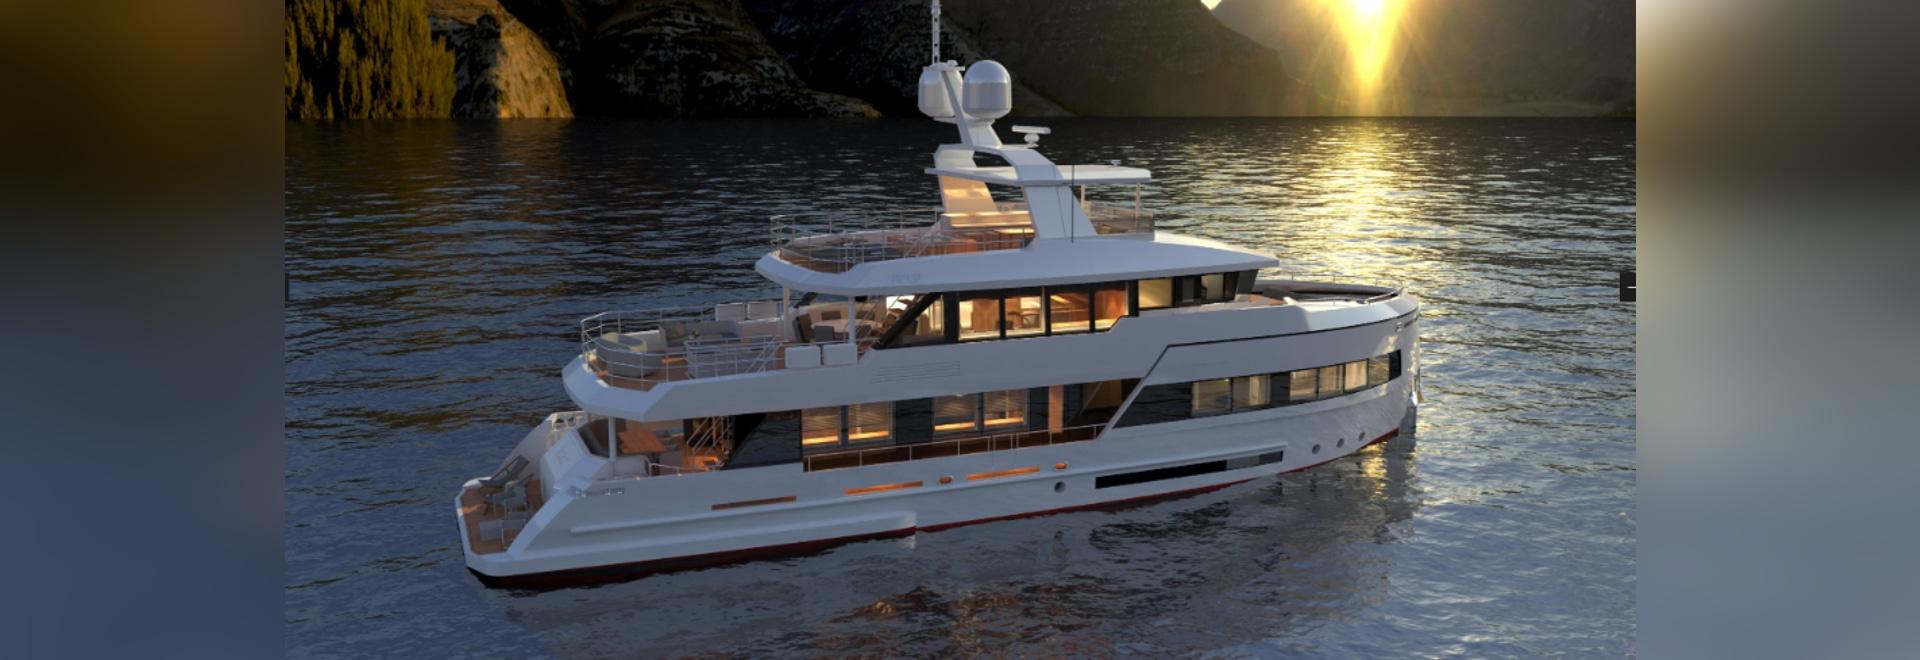 Le chantier naval brésilien INACE lance une nouvelle division de super-yachts